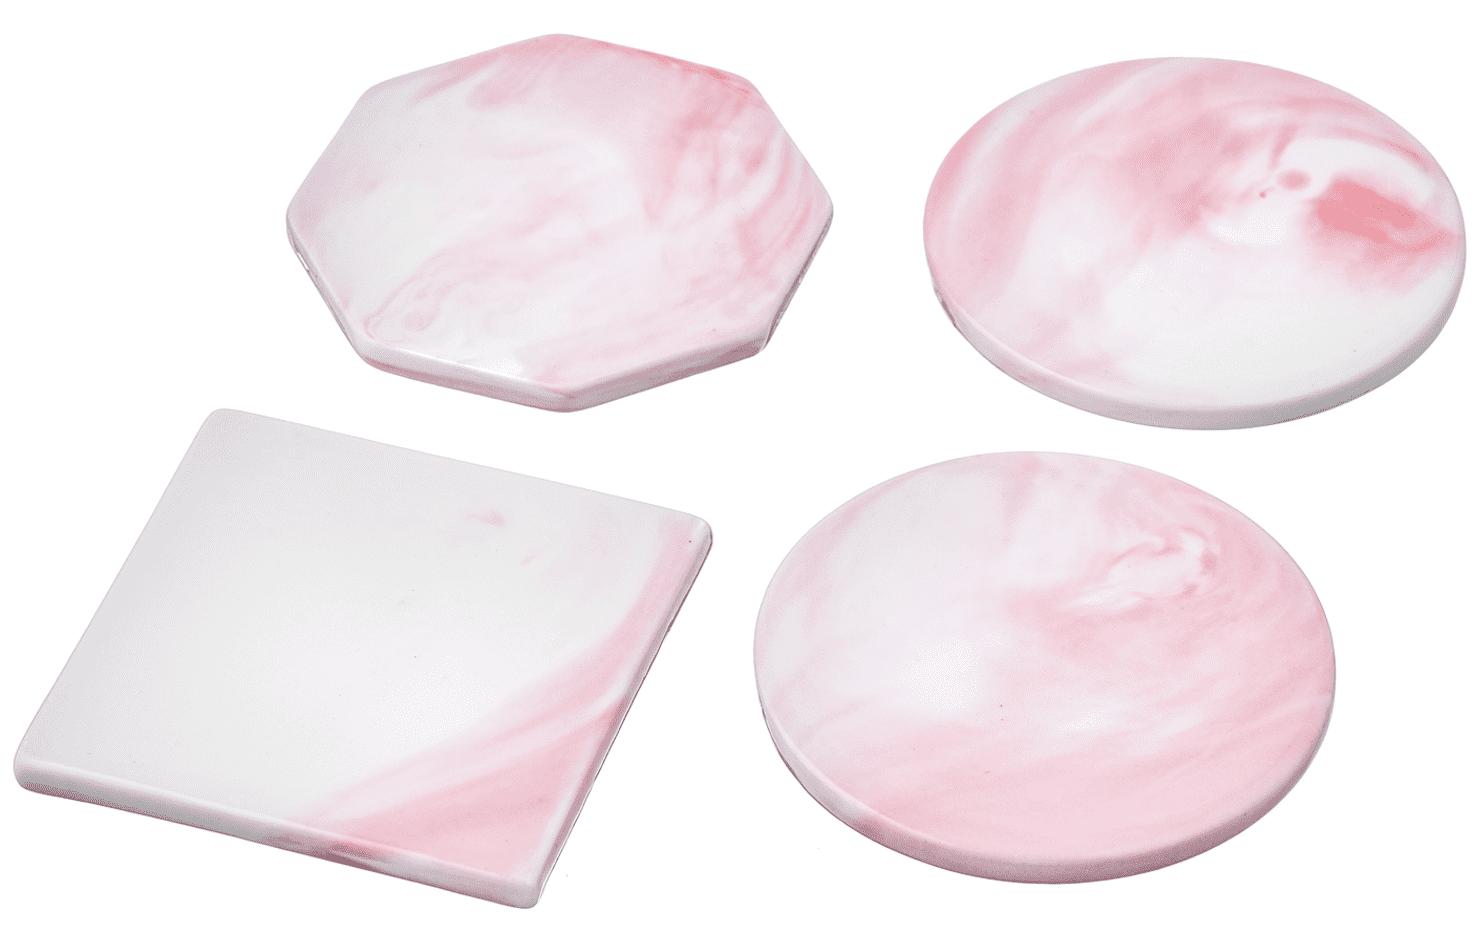 Аксессуары Подставки из керамики для пиал, кружек и стаканов розового цвета Снимок_экрана_2021-02-23_в_19.37.43.png